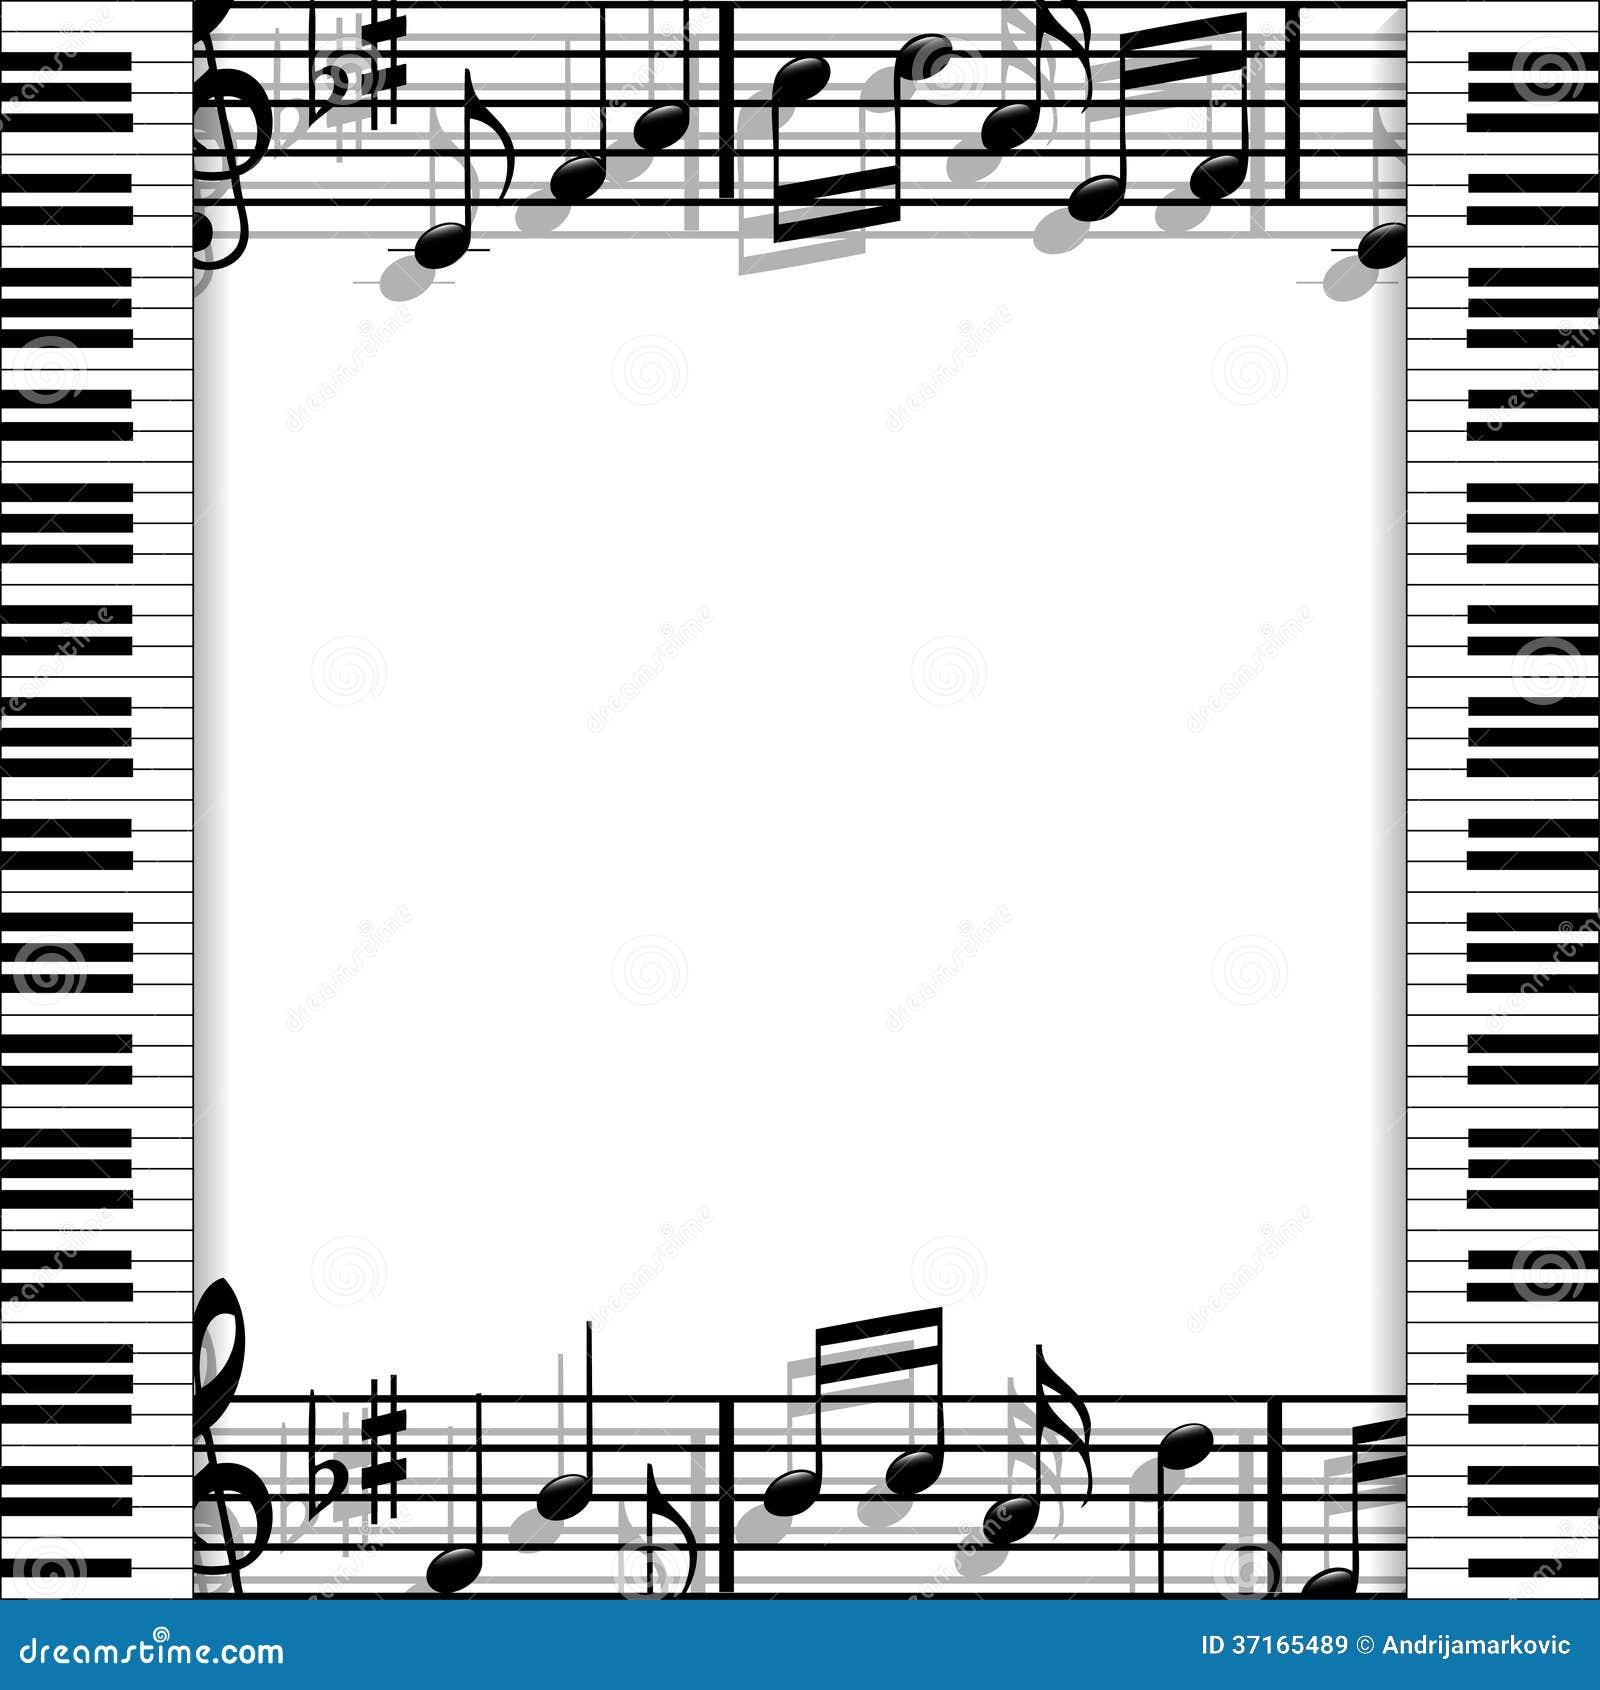 Marco musical ilustración del vector. Ilustración de sombra - 37165489